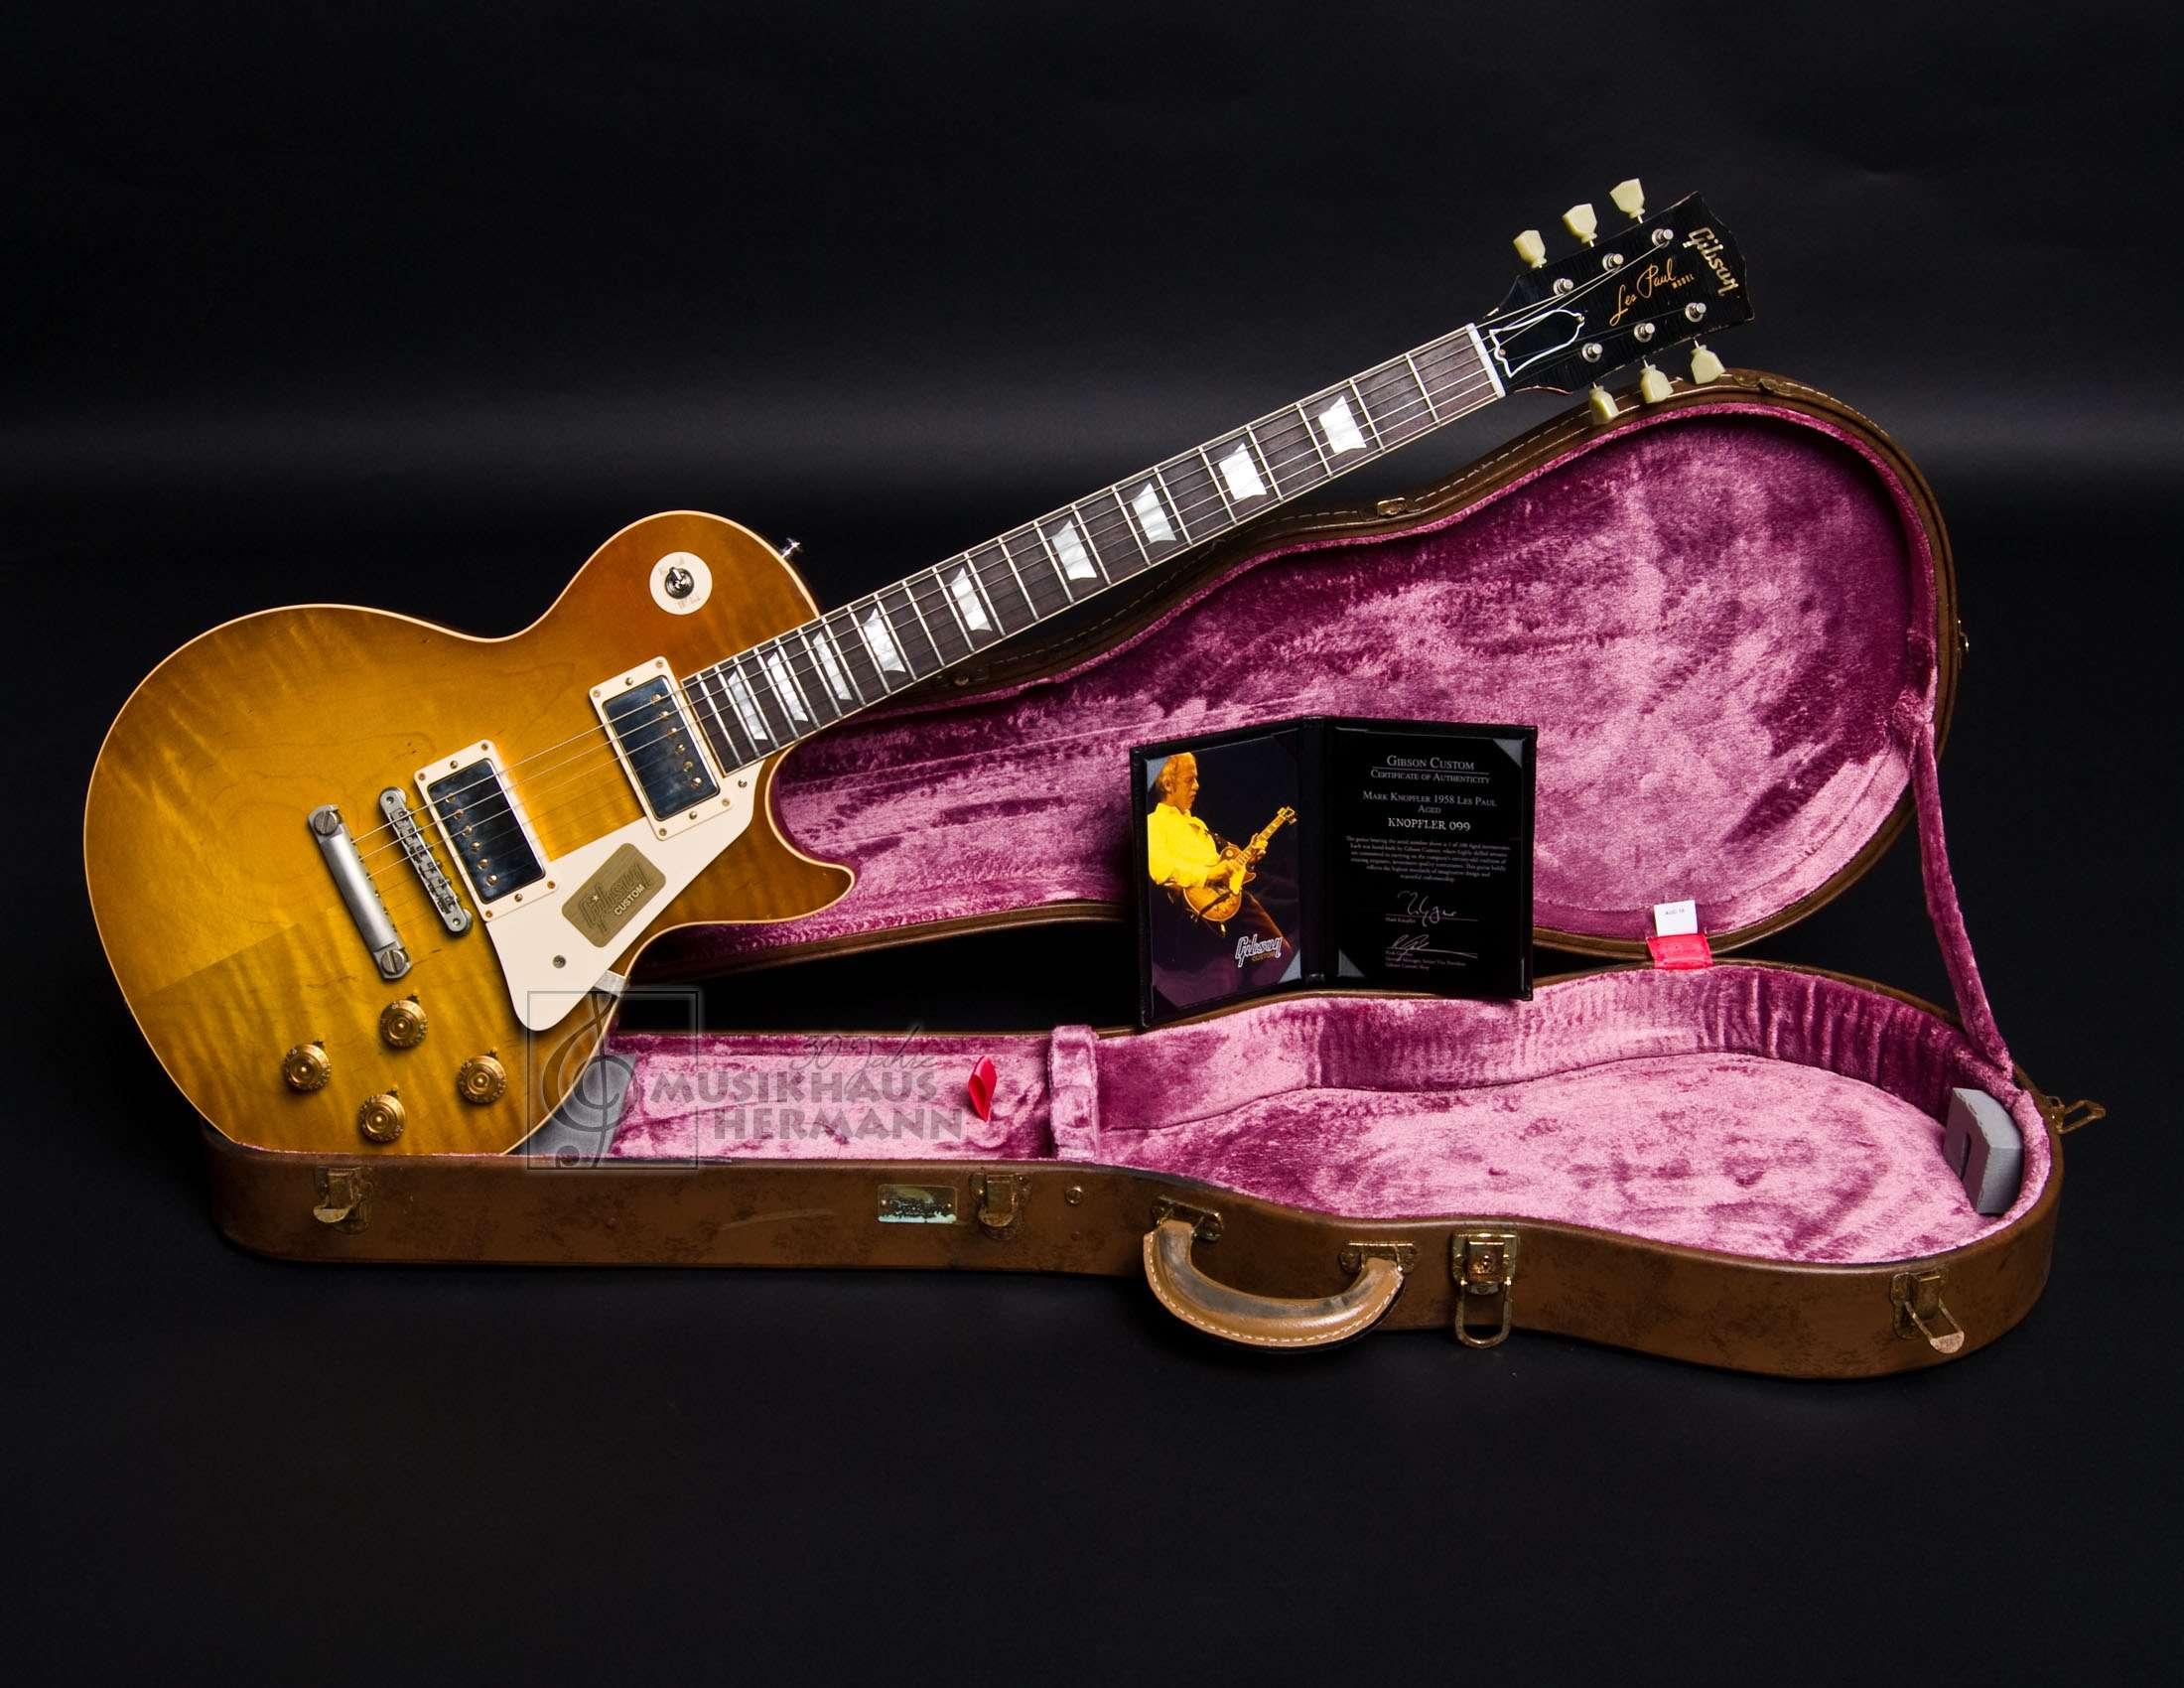 Gibson Mark Knopfler 1958 Les Paul Standard aged